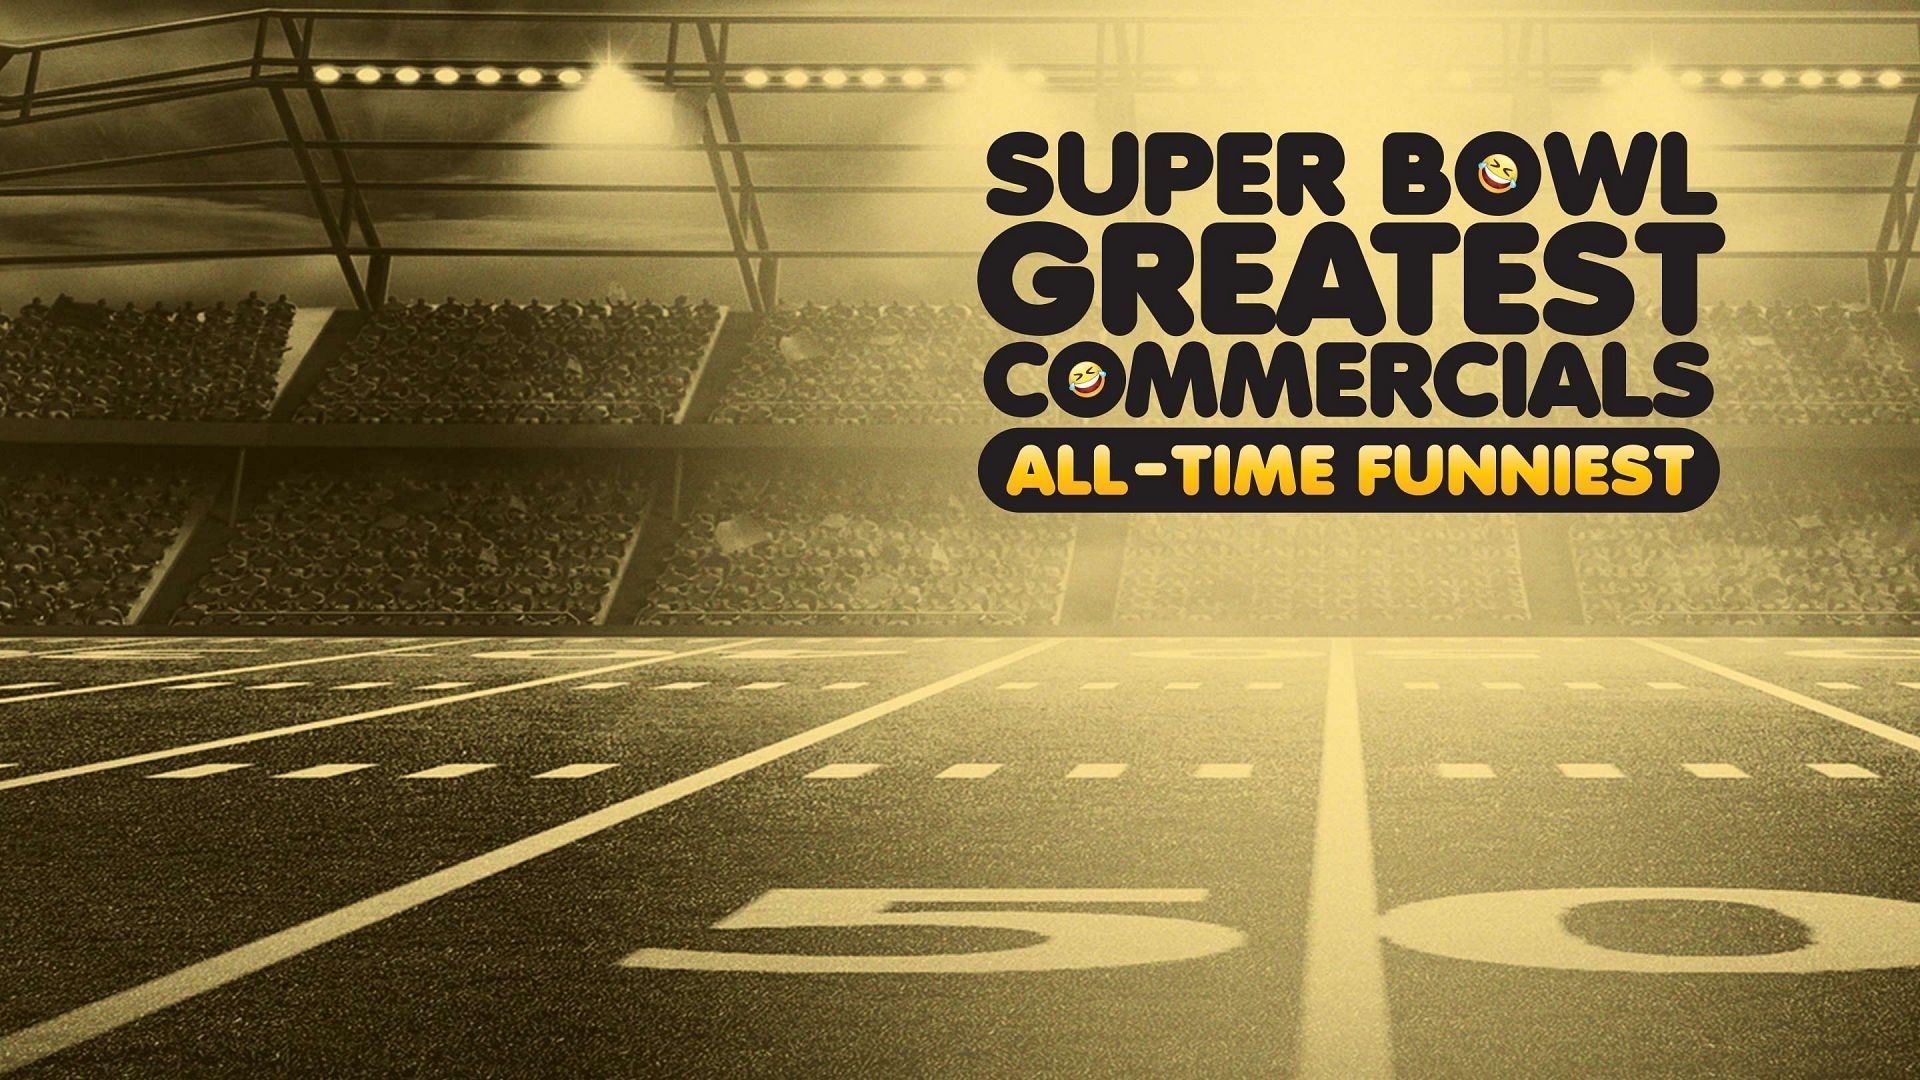 Super Bowl Greatest Commercials 2019 - Super Bowl 53 - Cbs regarding Cbs All Access Super Bowl